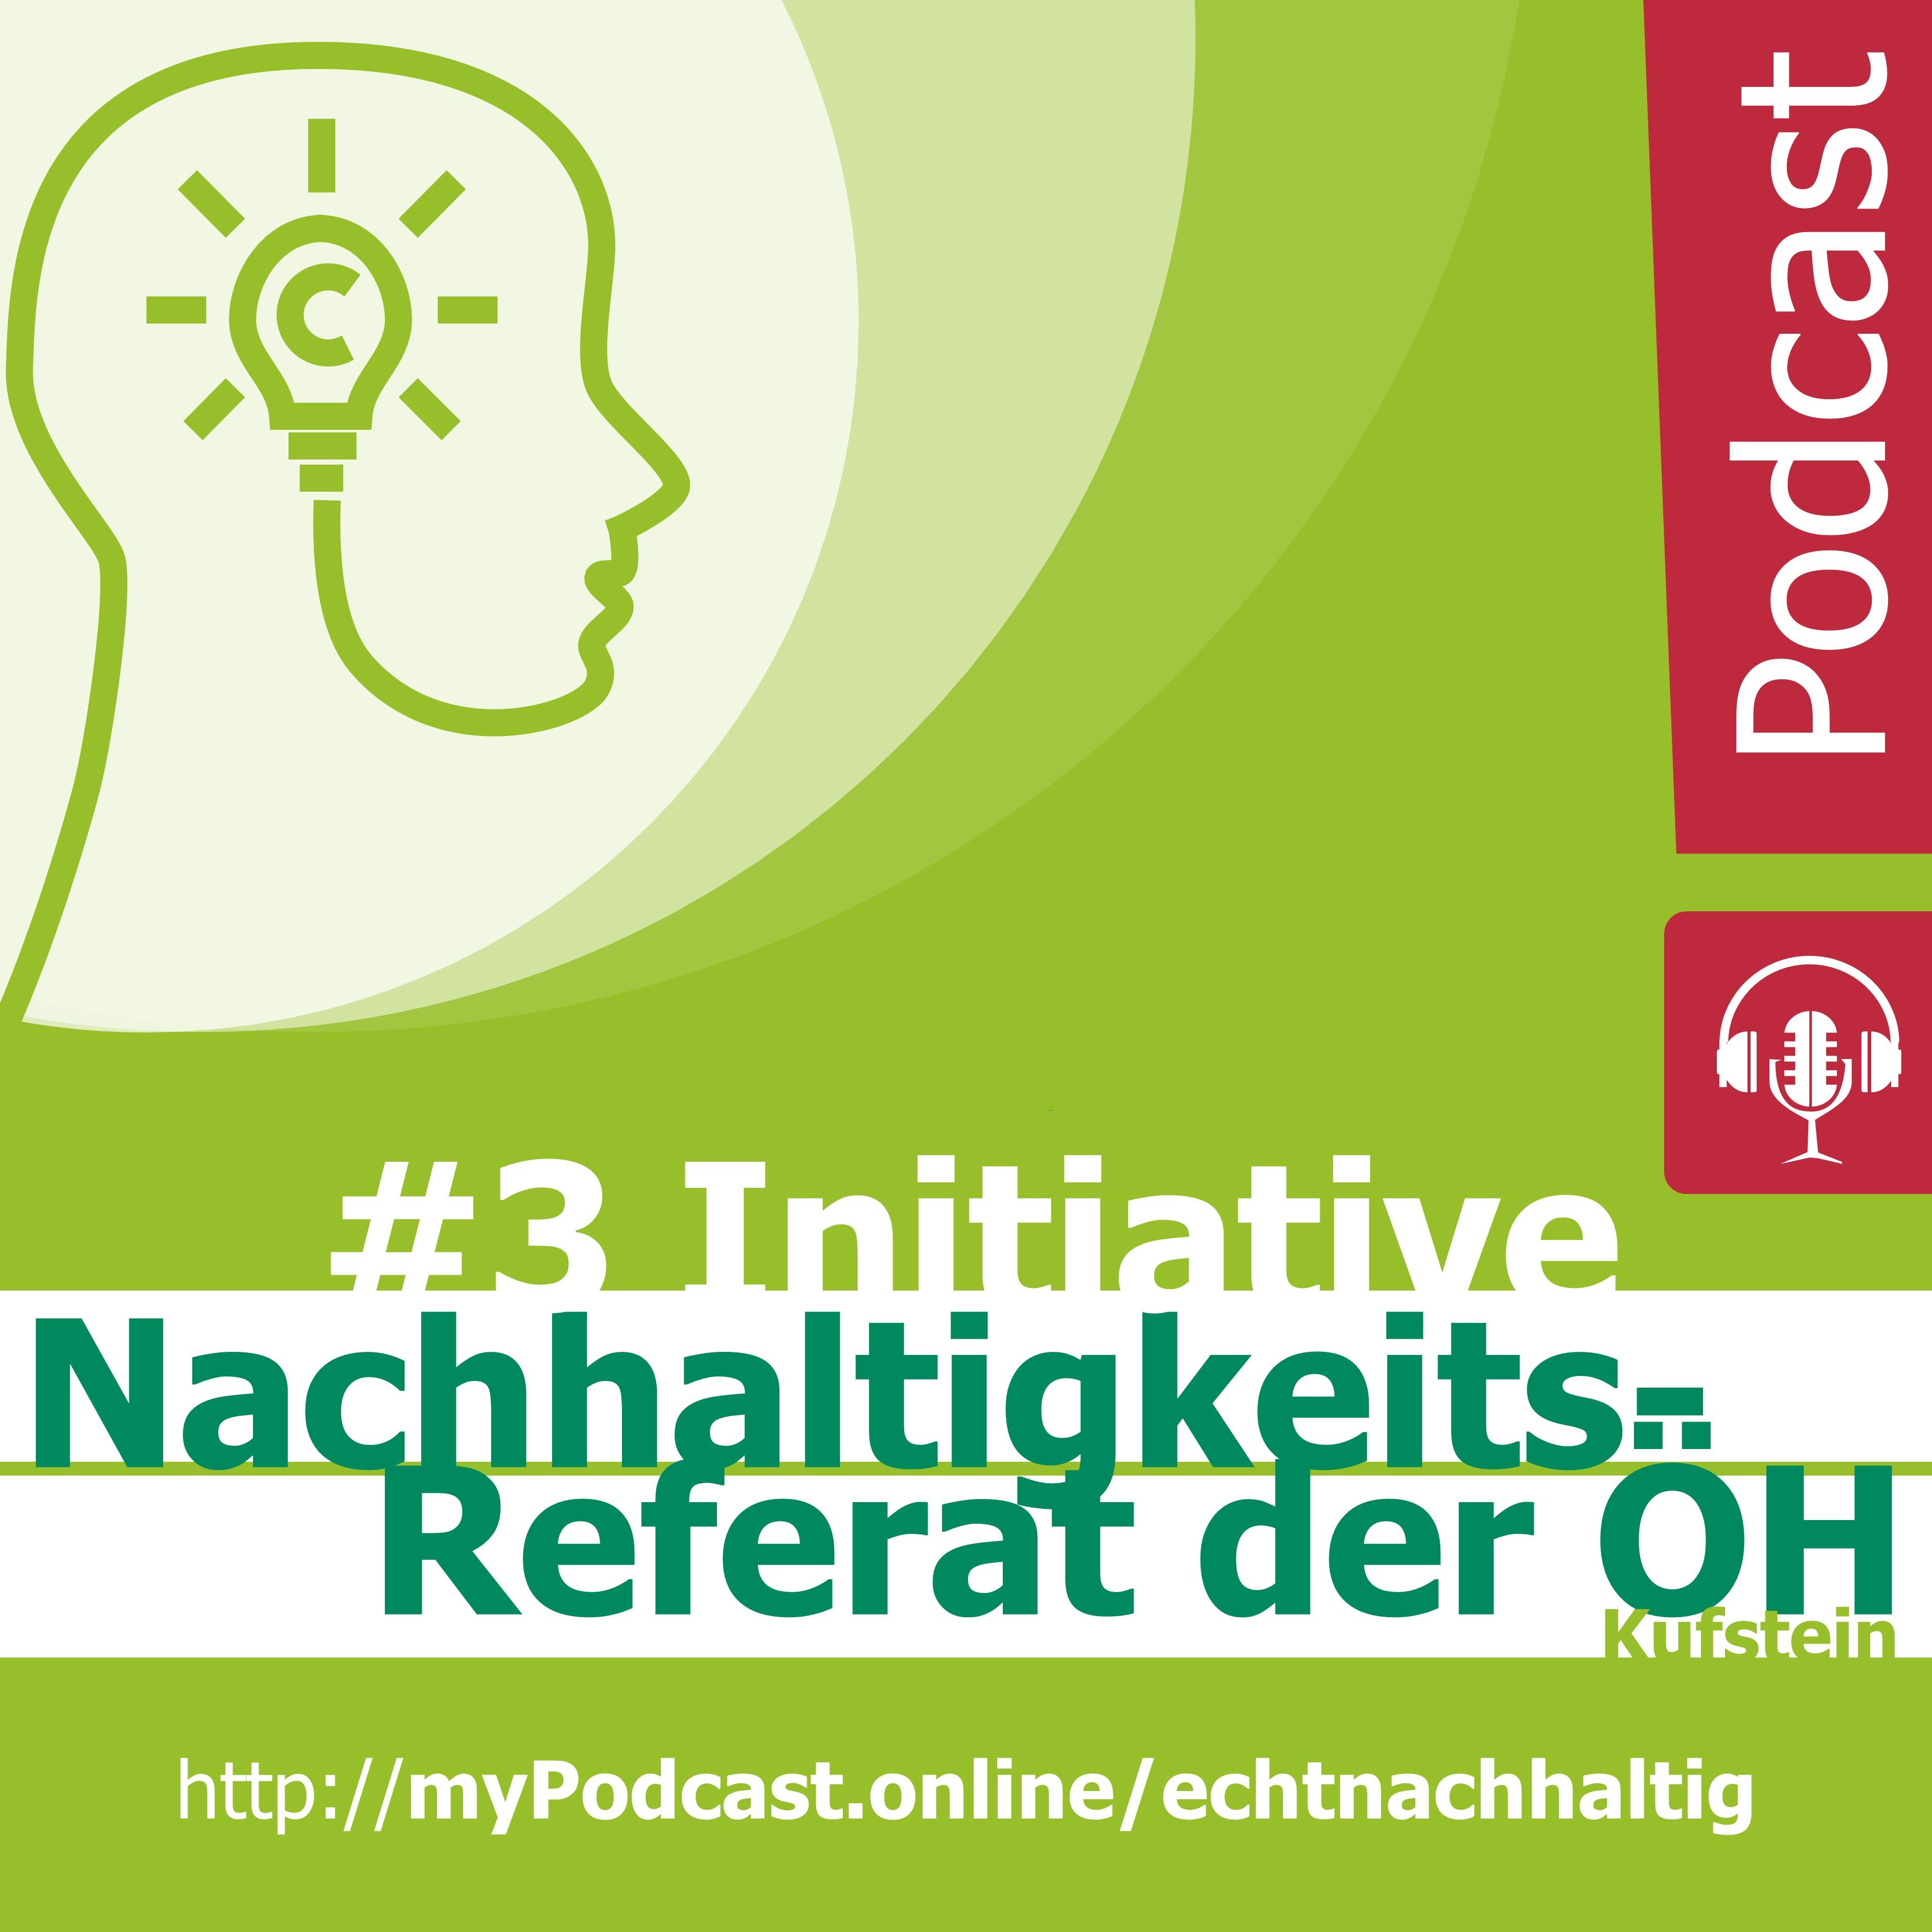 Episode 3 - nachhaltige Initiative: Nachhaltgkeitsreferat ÖH Kufstein. Christian Huber im Gespräch mit Regina Giefing und Luca Obermayr